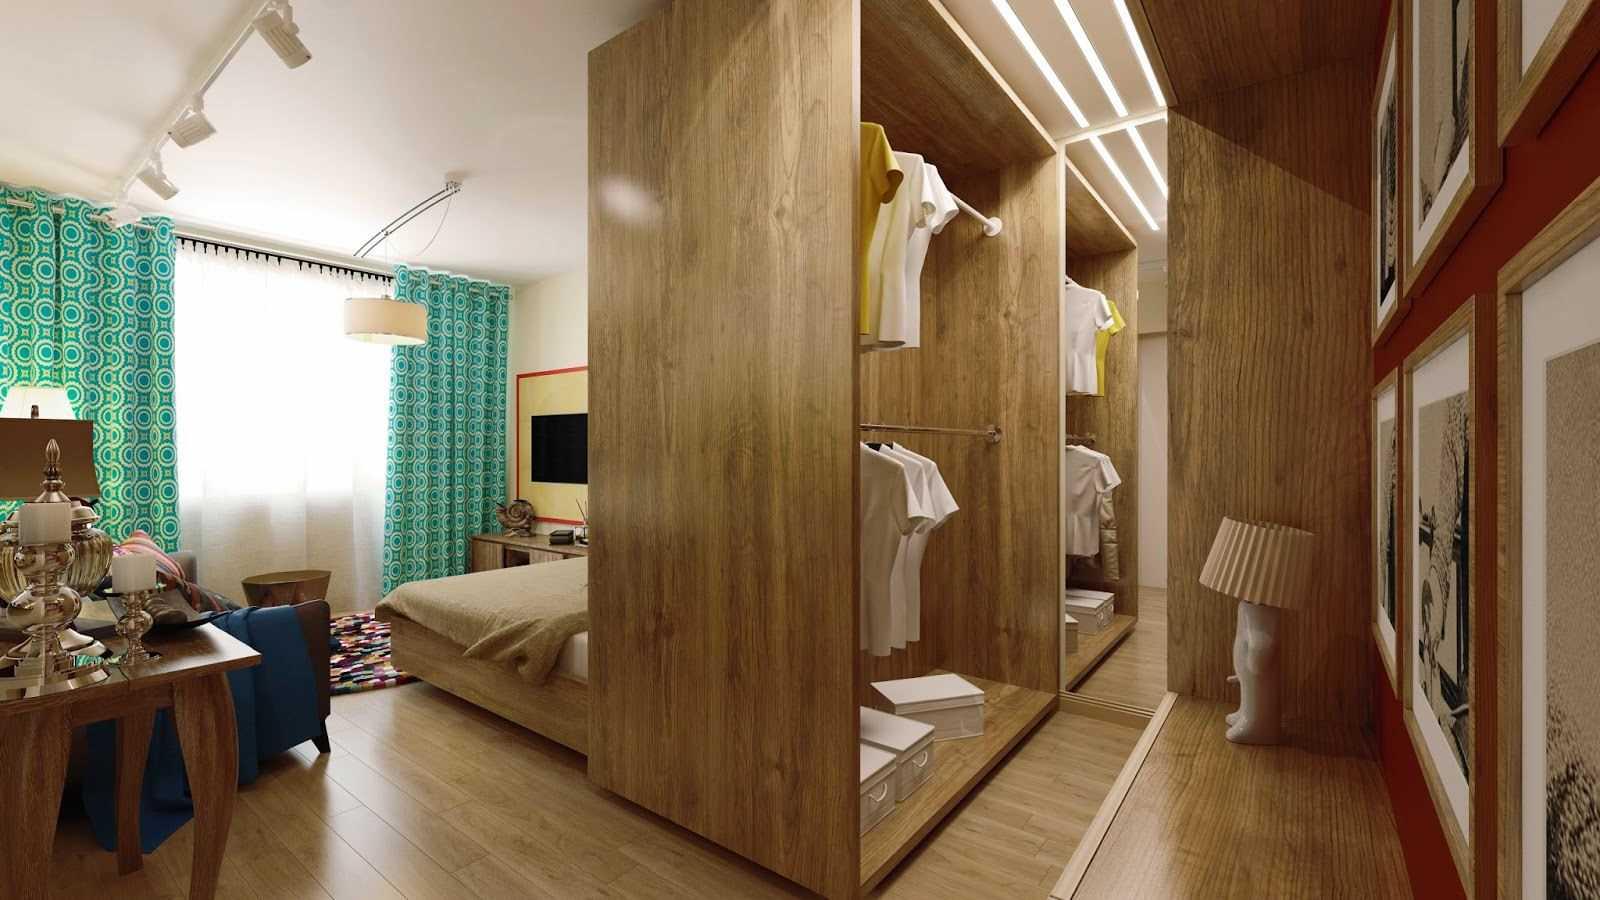 спальня-гостиная 18 кв.м. с гардеробной